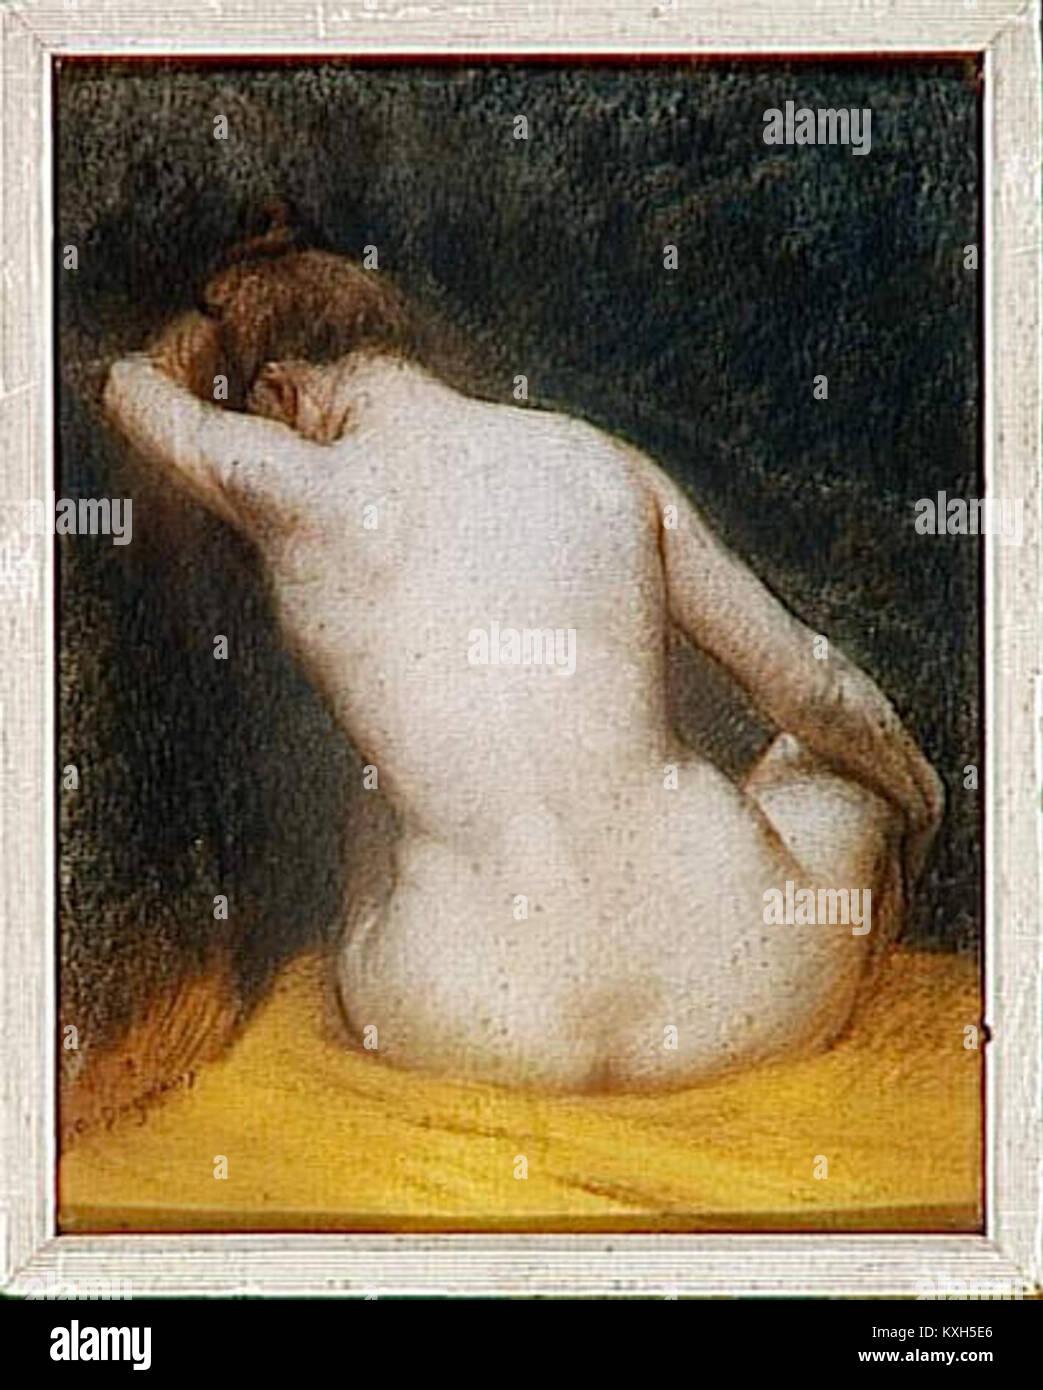 Femme Nue De Dos albert dagnaux - femme nue, assise de dos stock photo: 171251870 - alamy